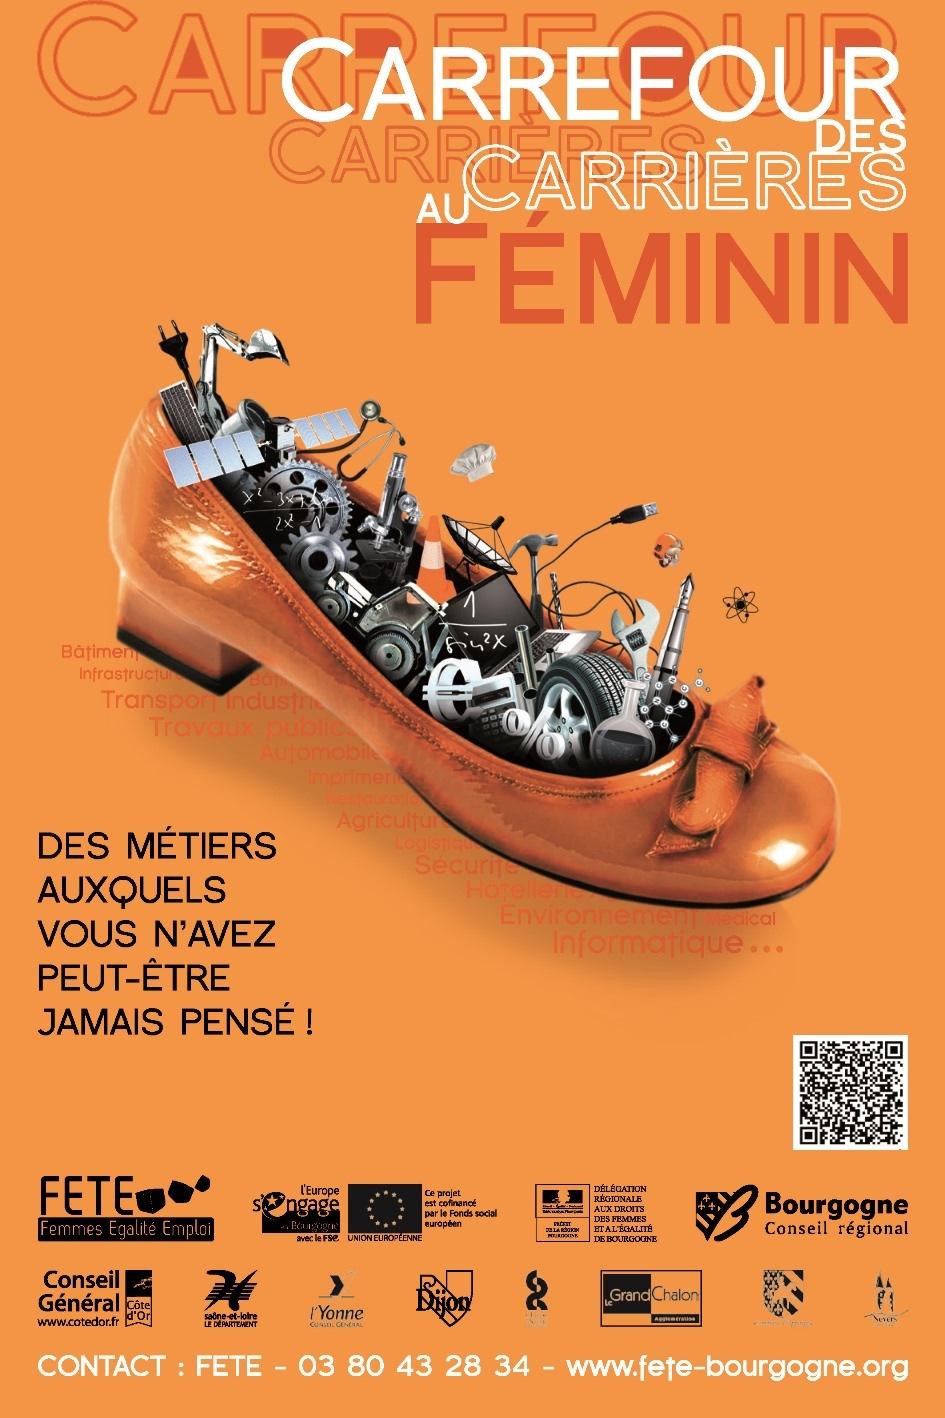 Carrefour des Carrières au Féminin